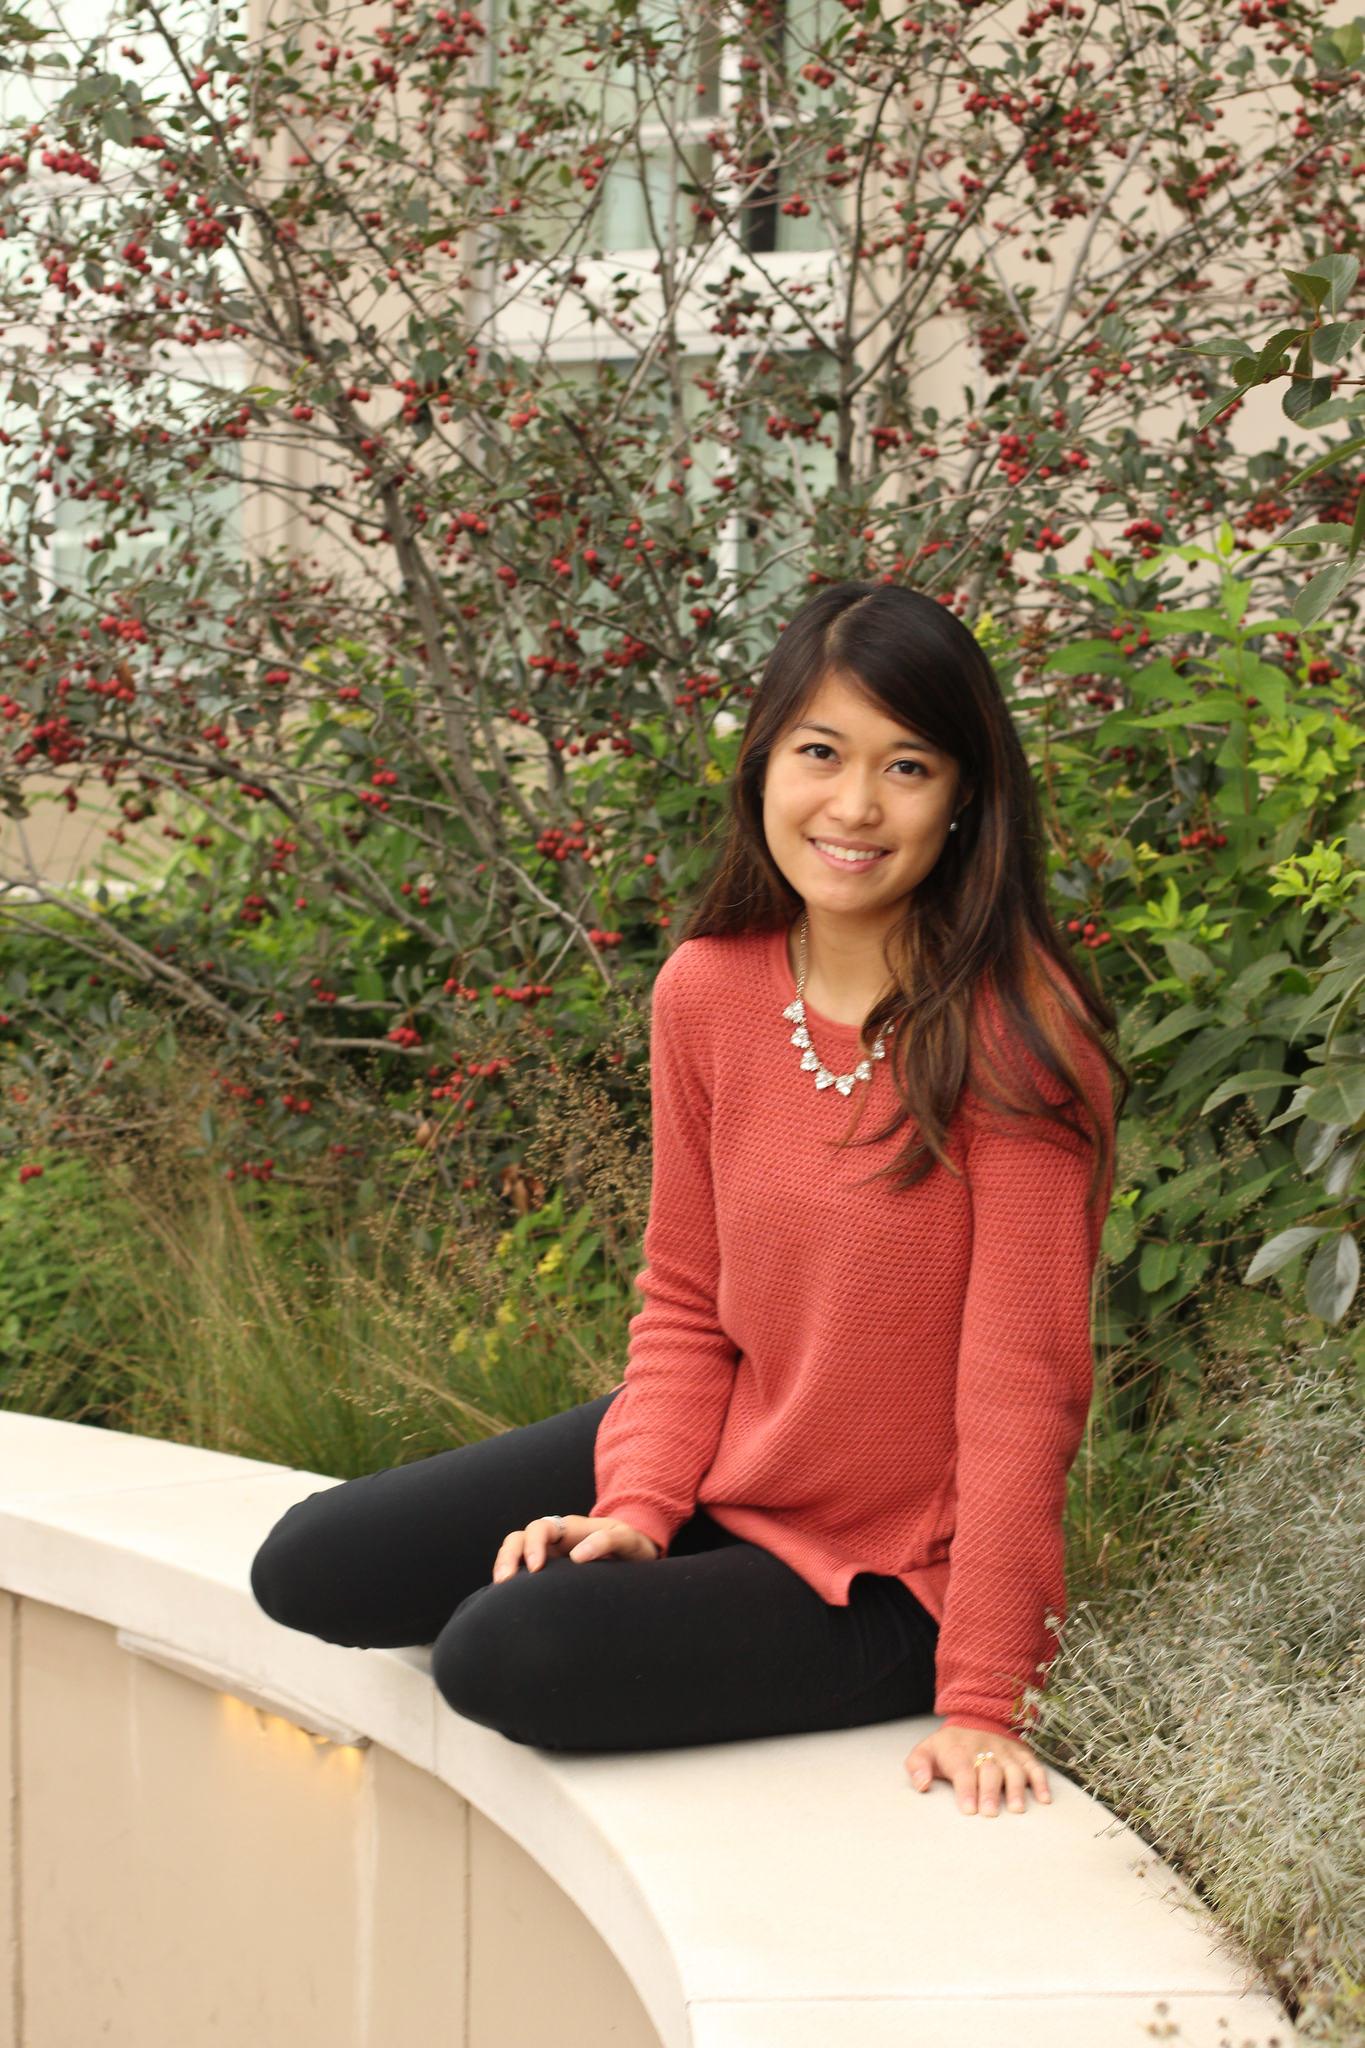 Fall Basic - Pumpkin Spice Sweater